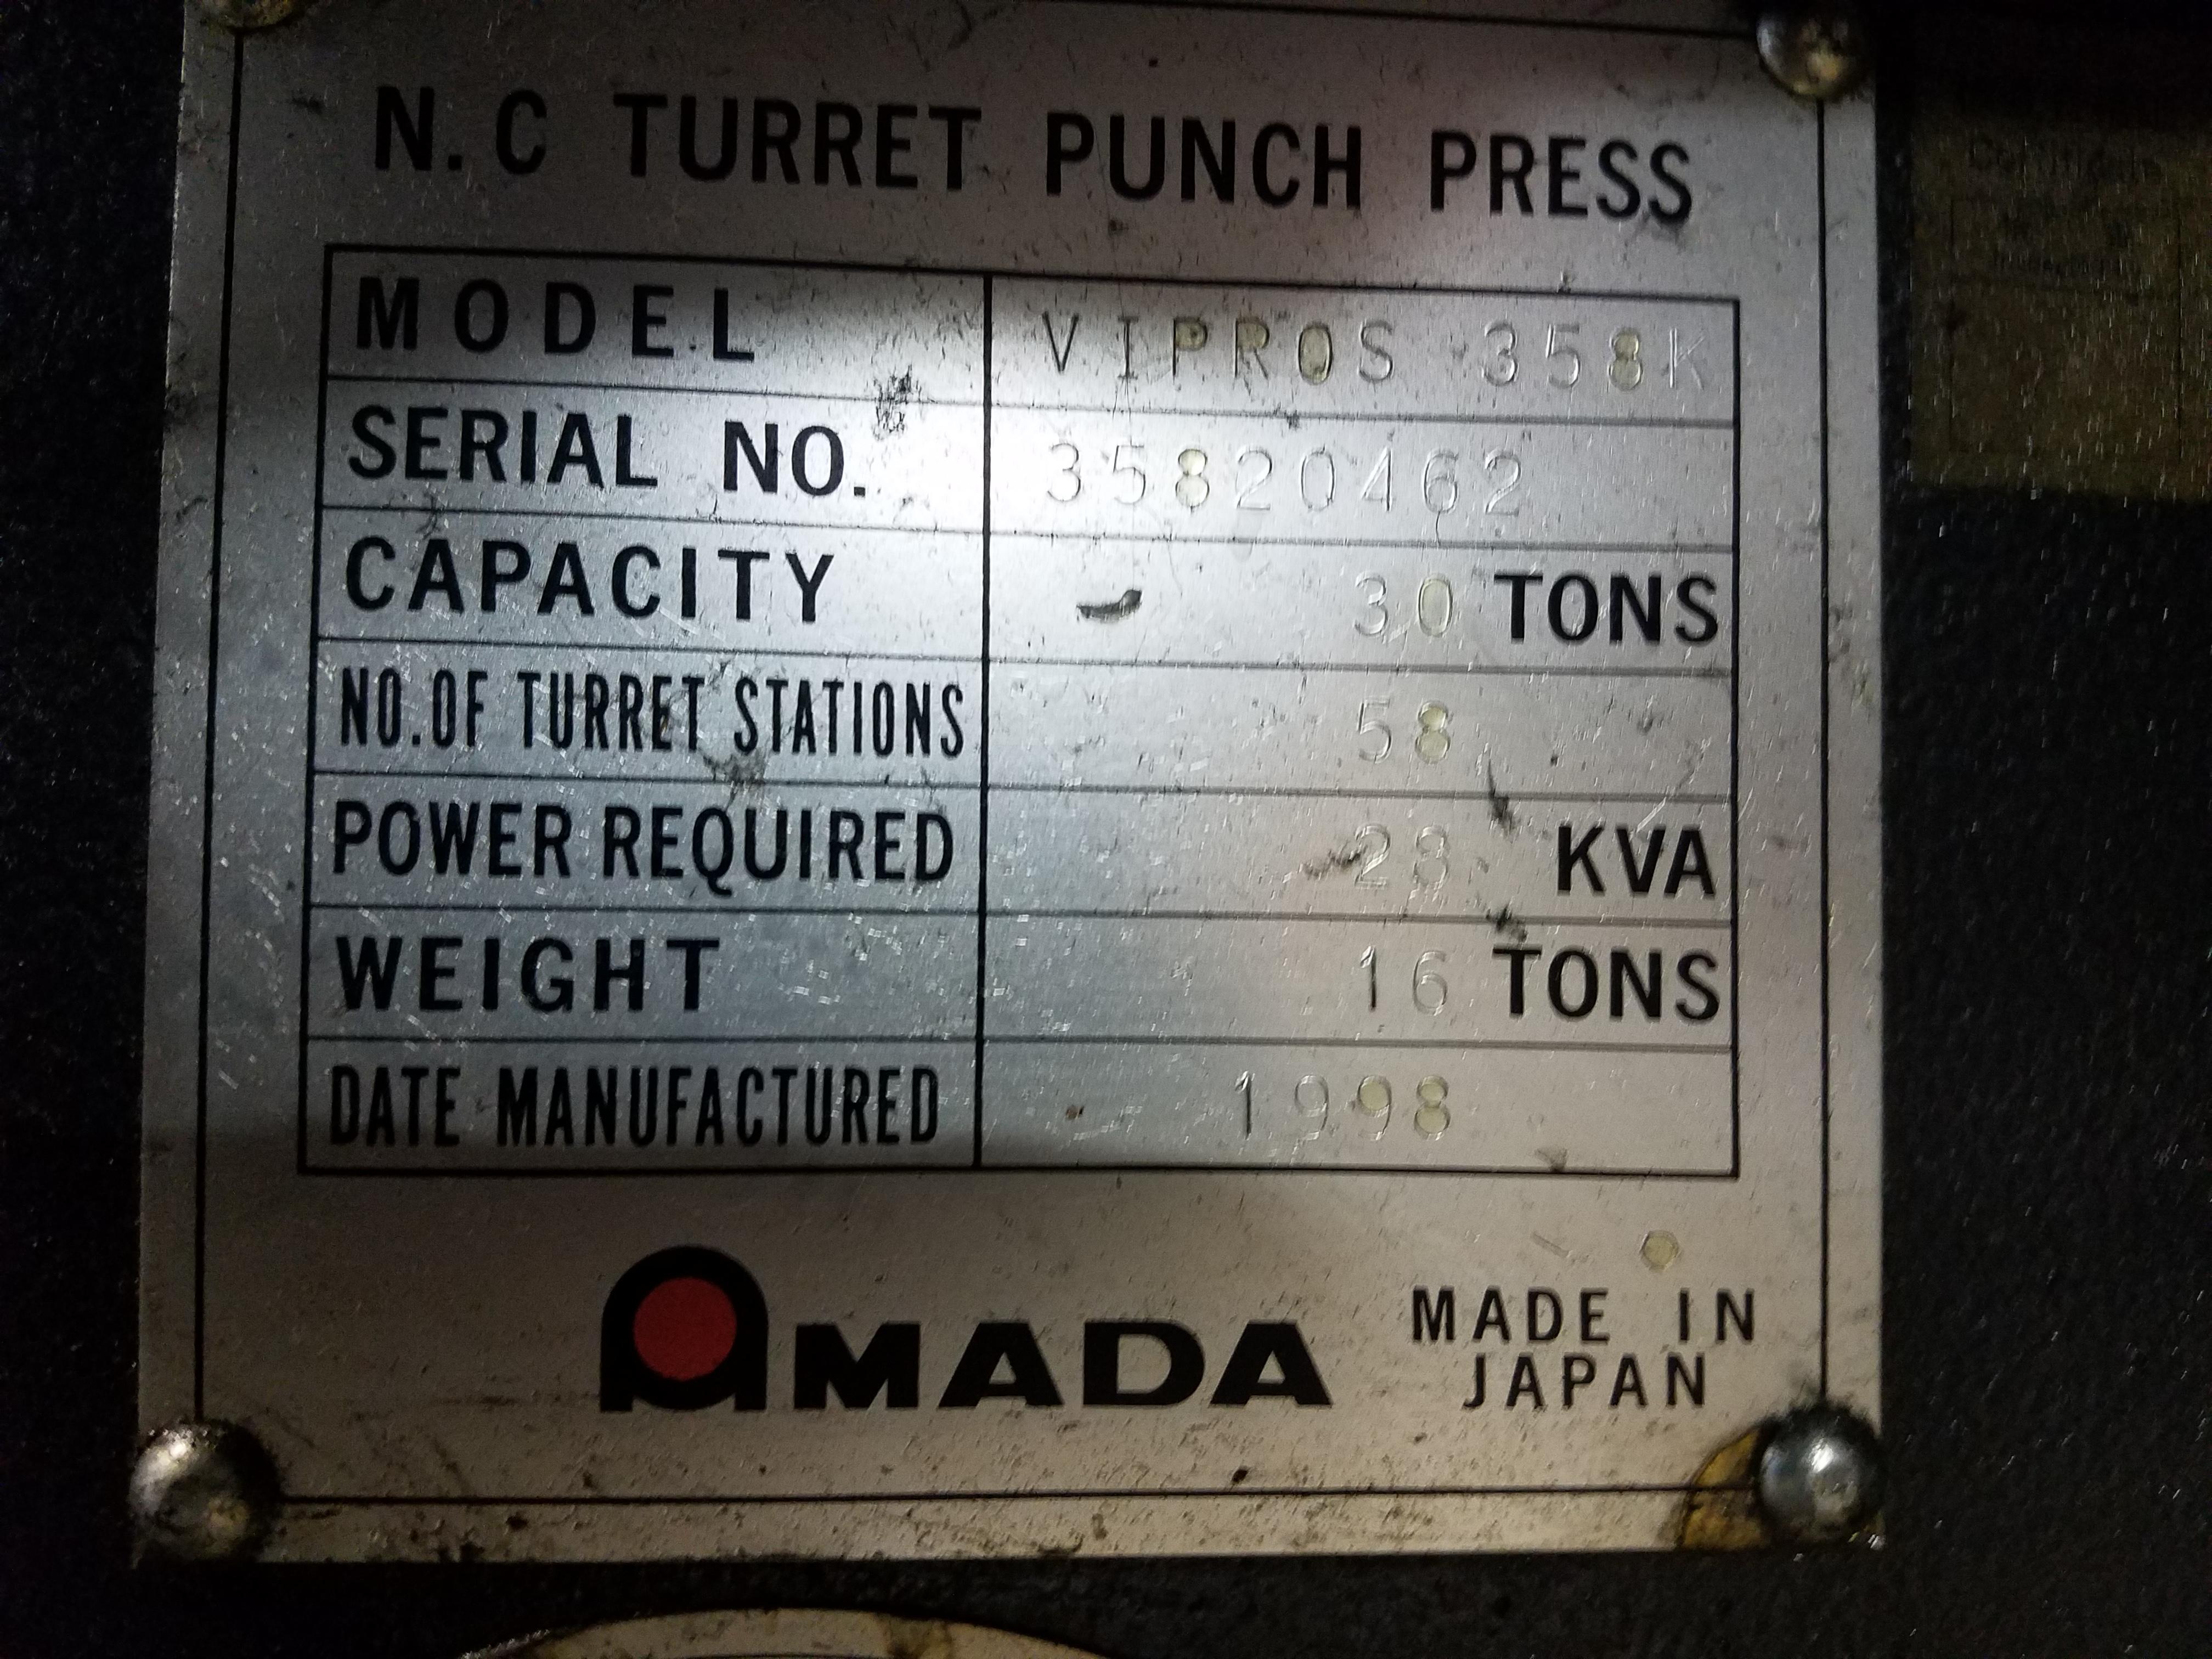 Used Turret Punch Amada Vipros 358K 1998